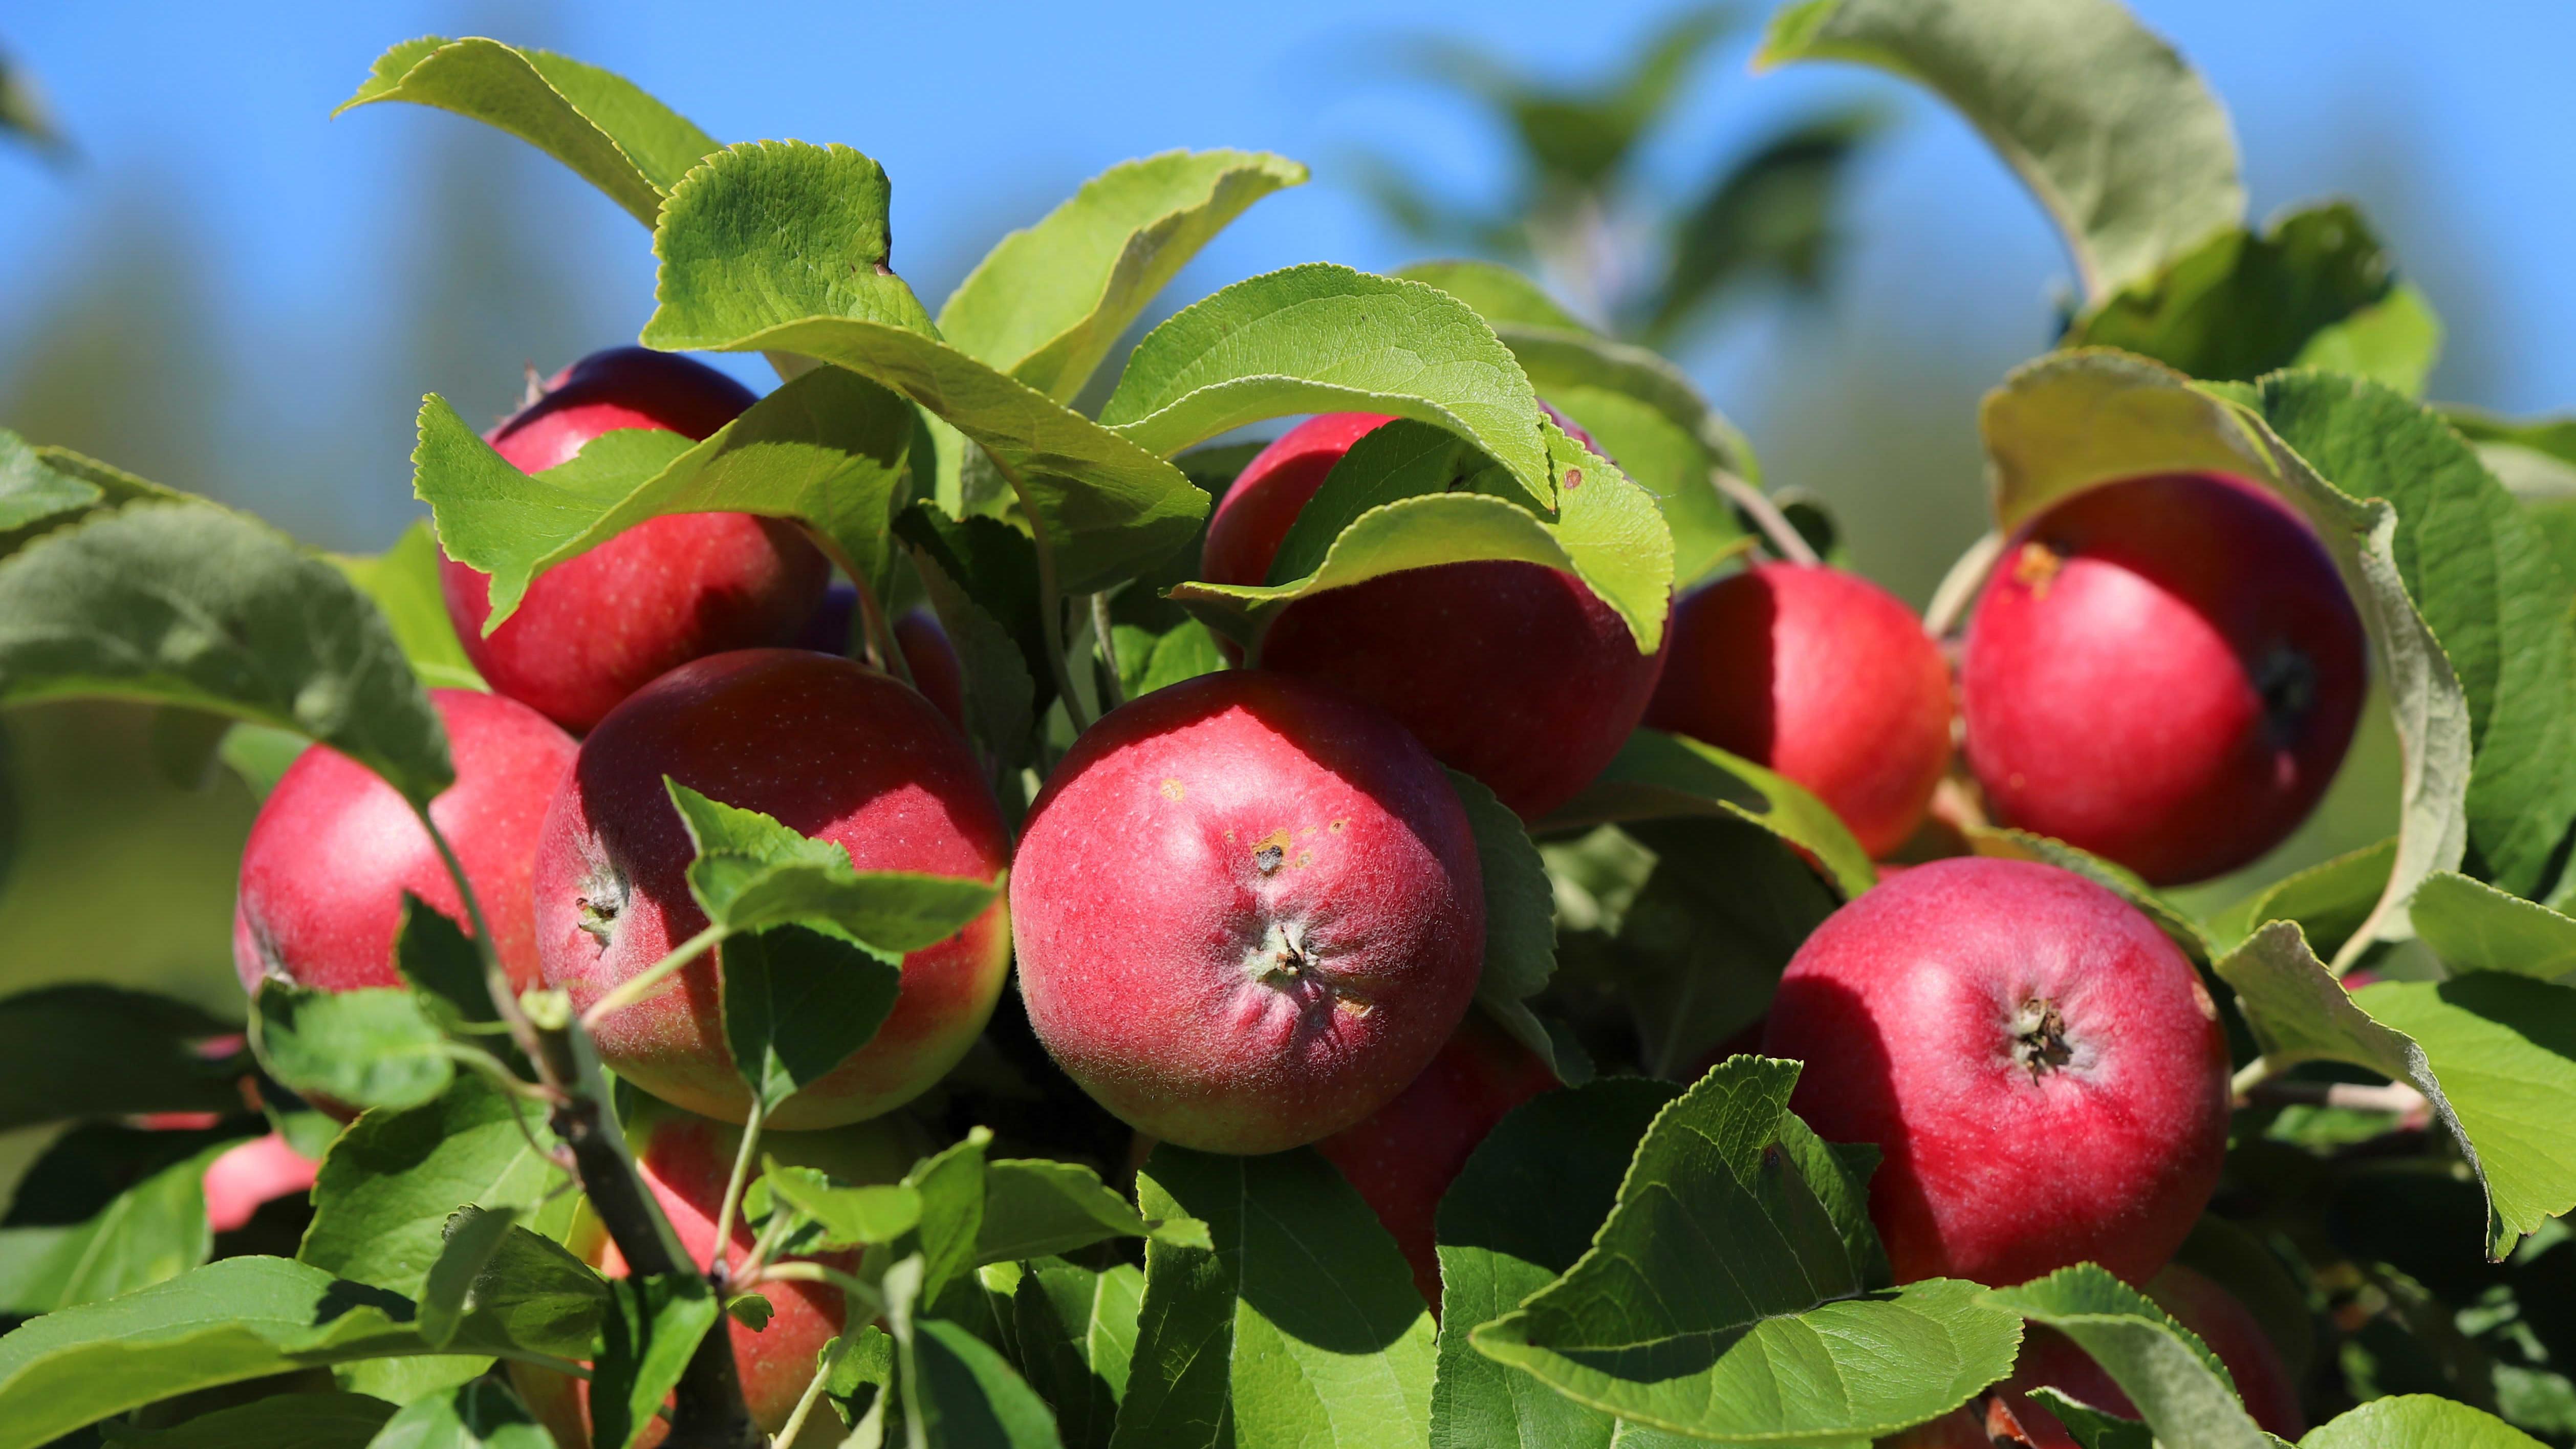 Punaisia omenoita kiinni puussa.